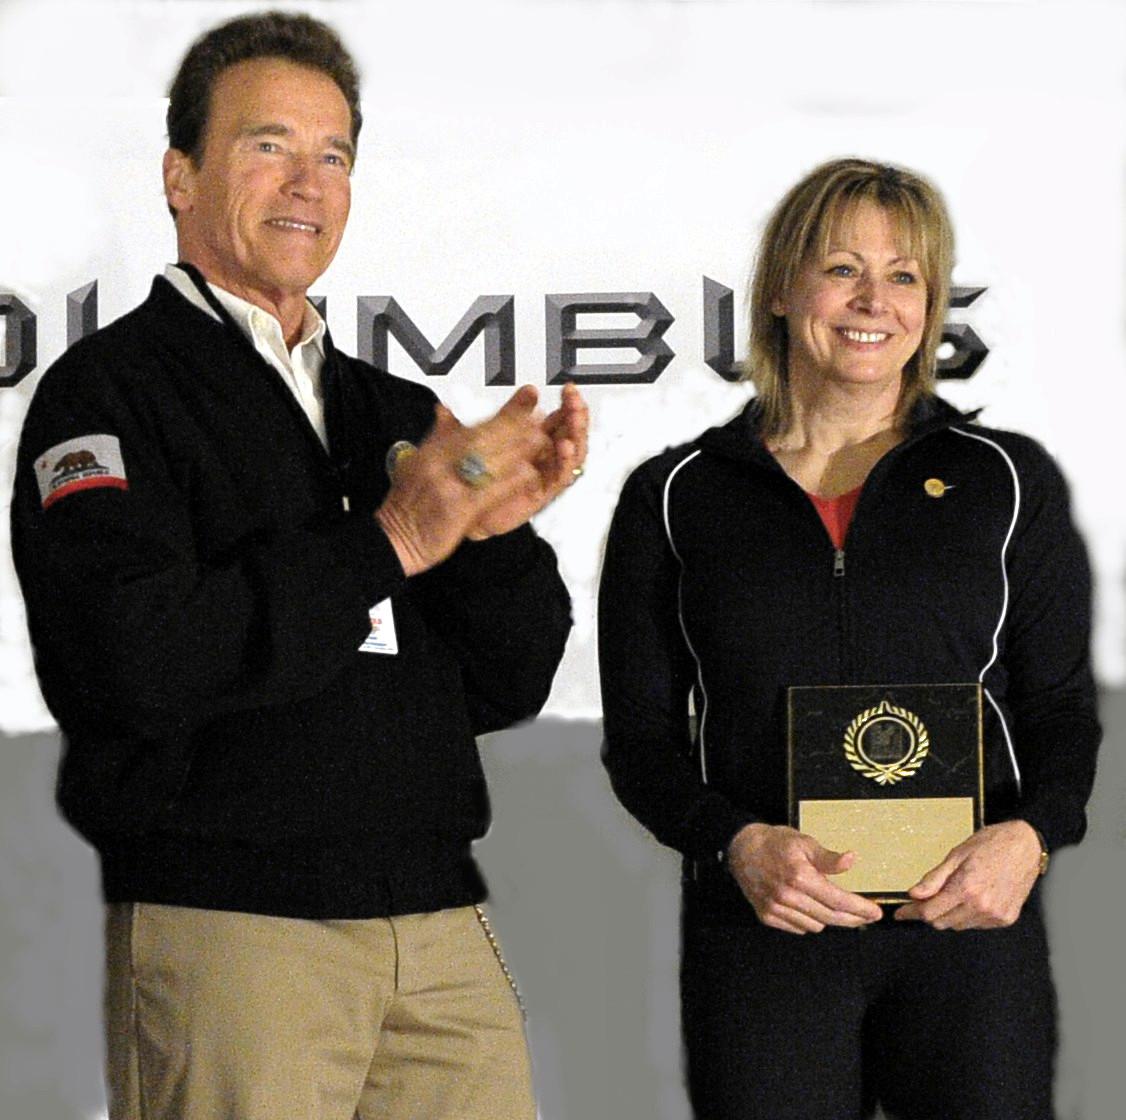 Description Arnold Schwarzenegger and Karyn Marshall.JPG